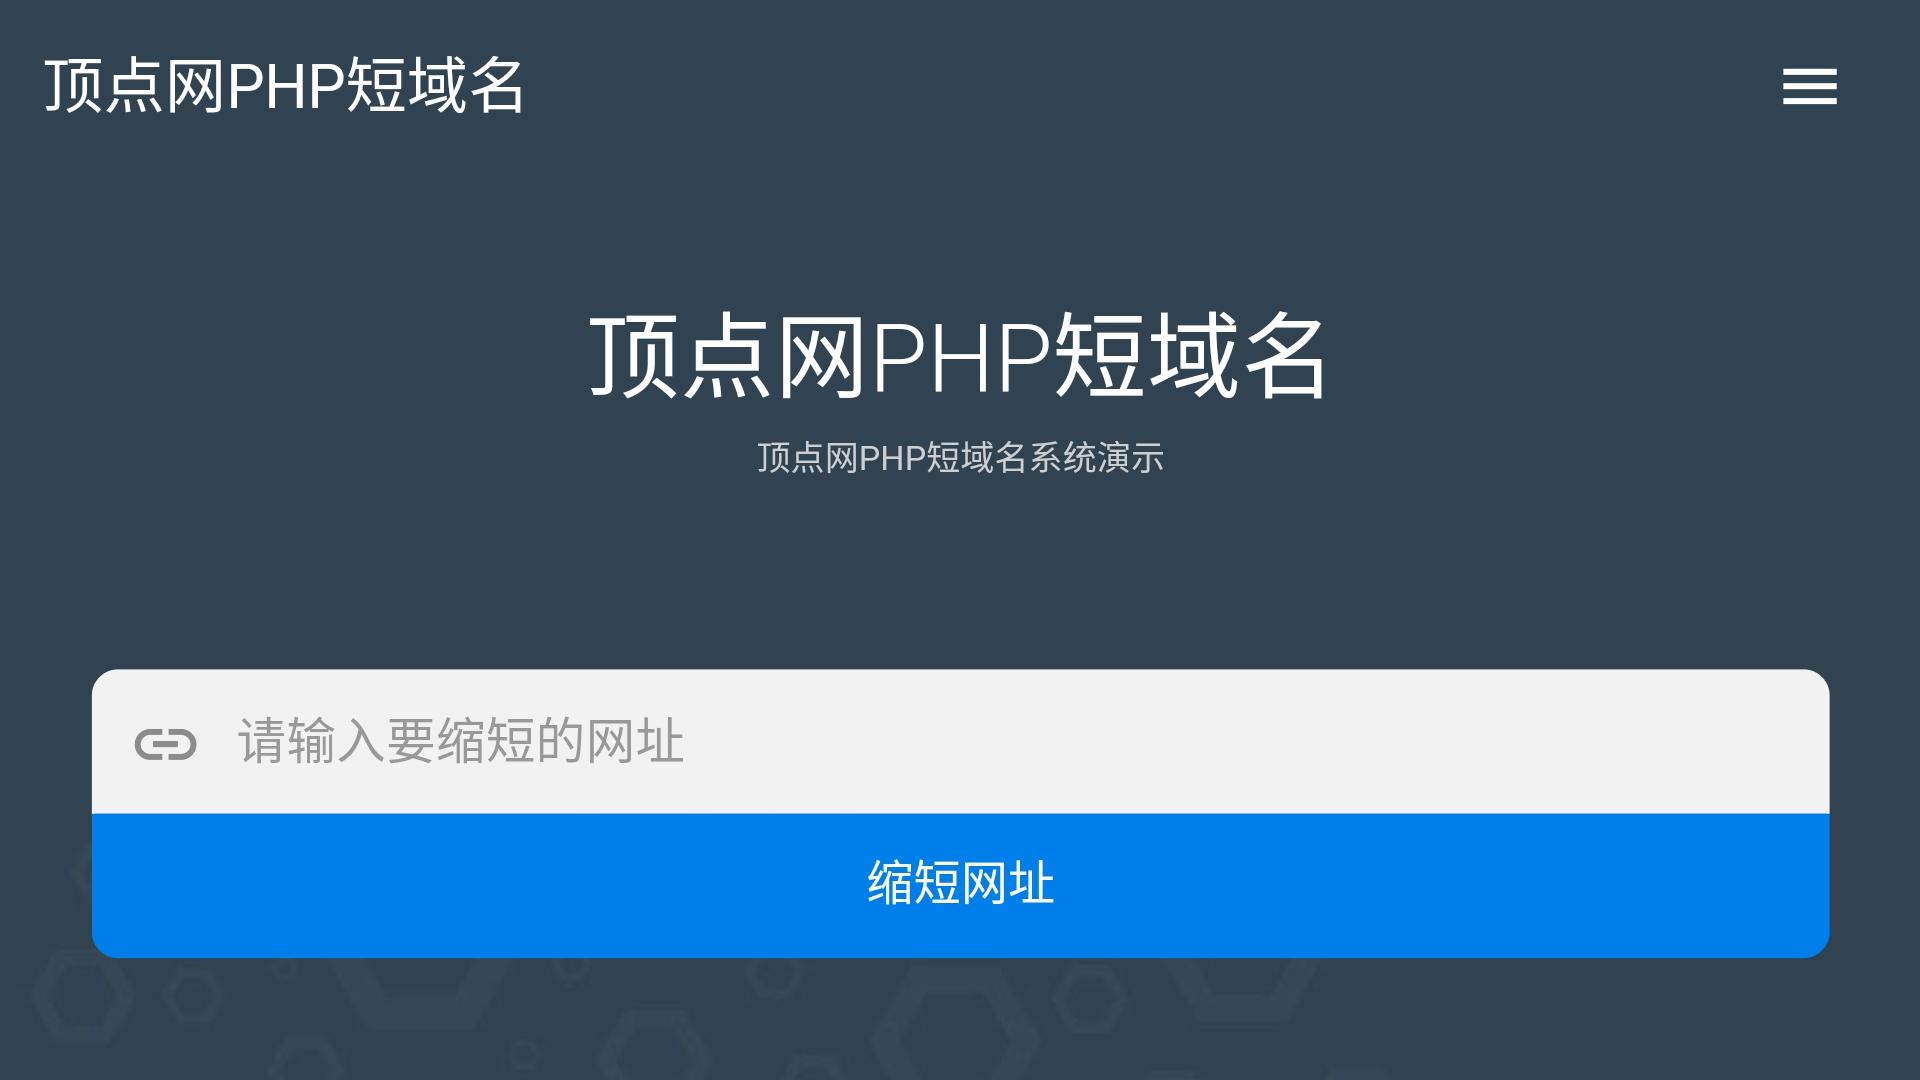 简洁漂亮的php短网址源码